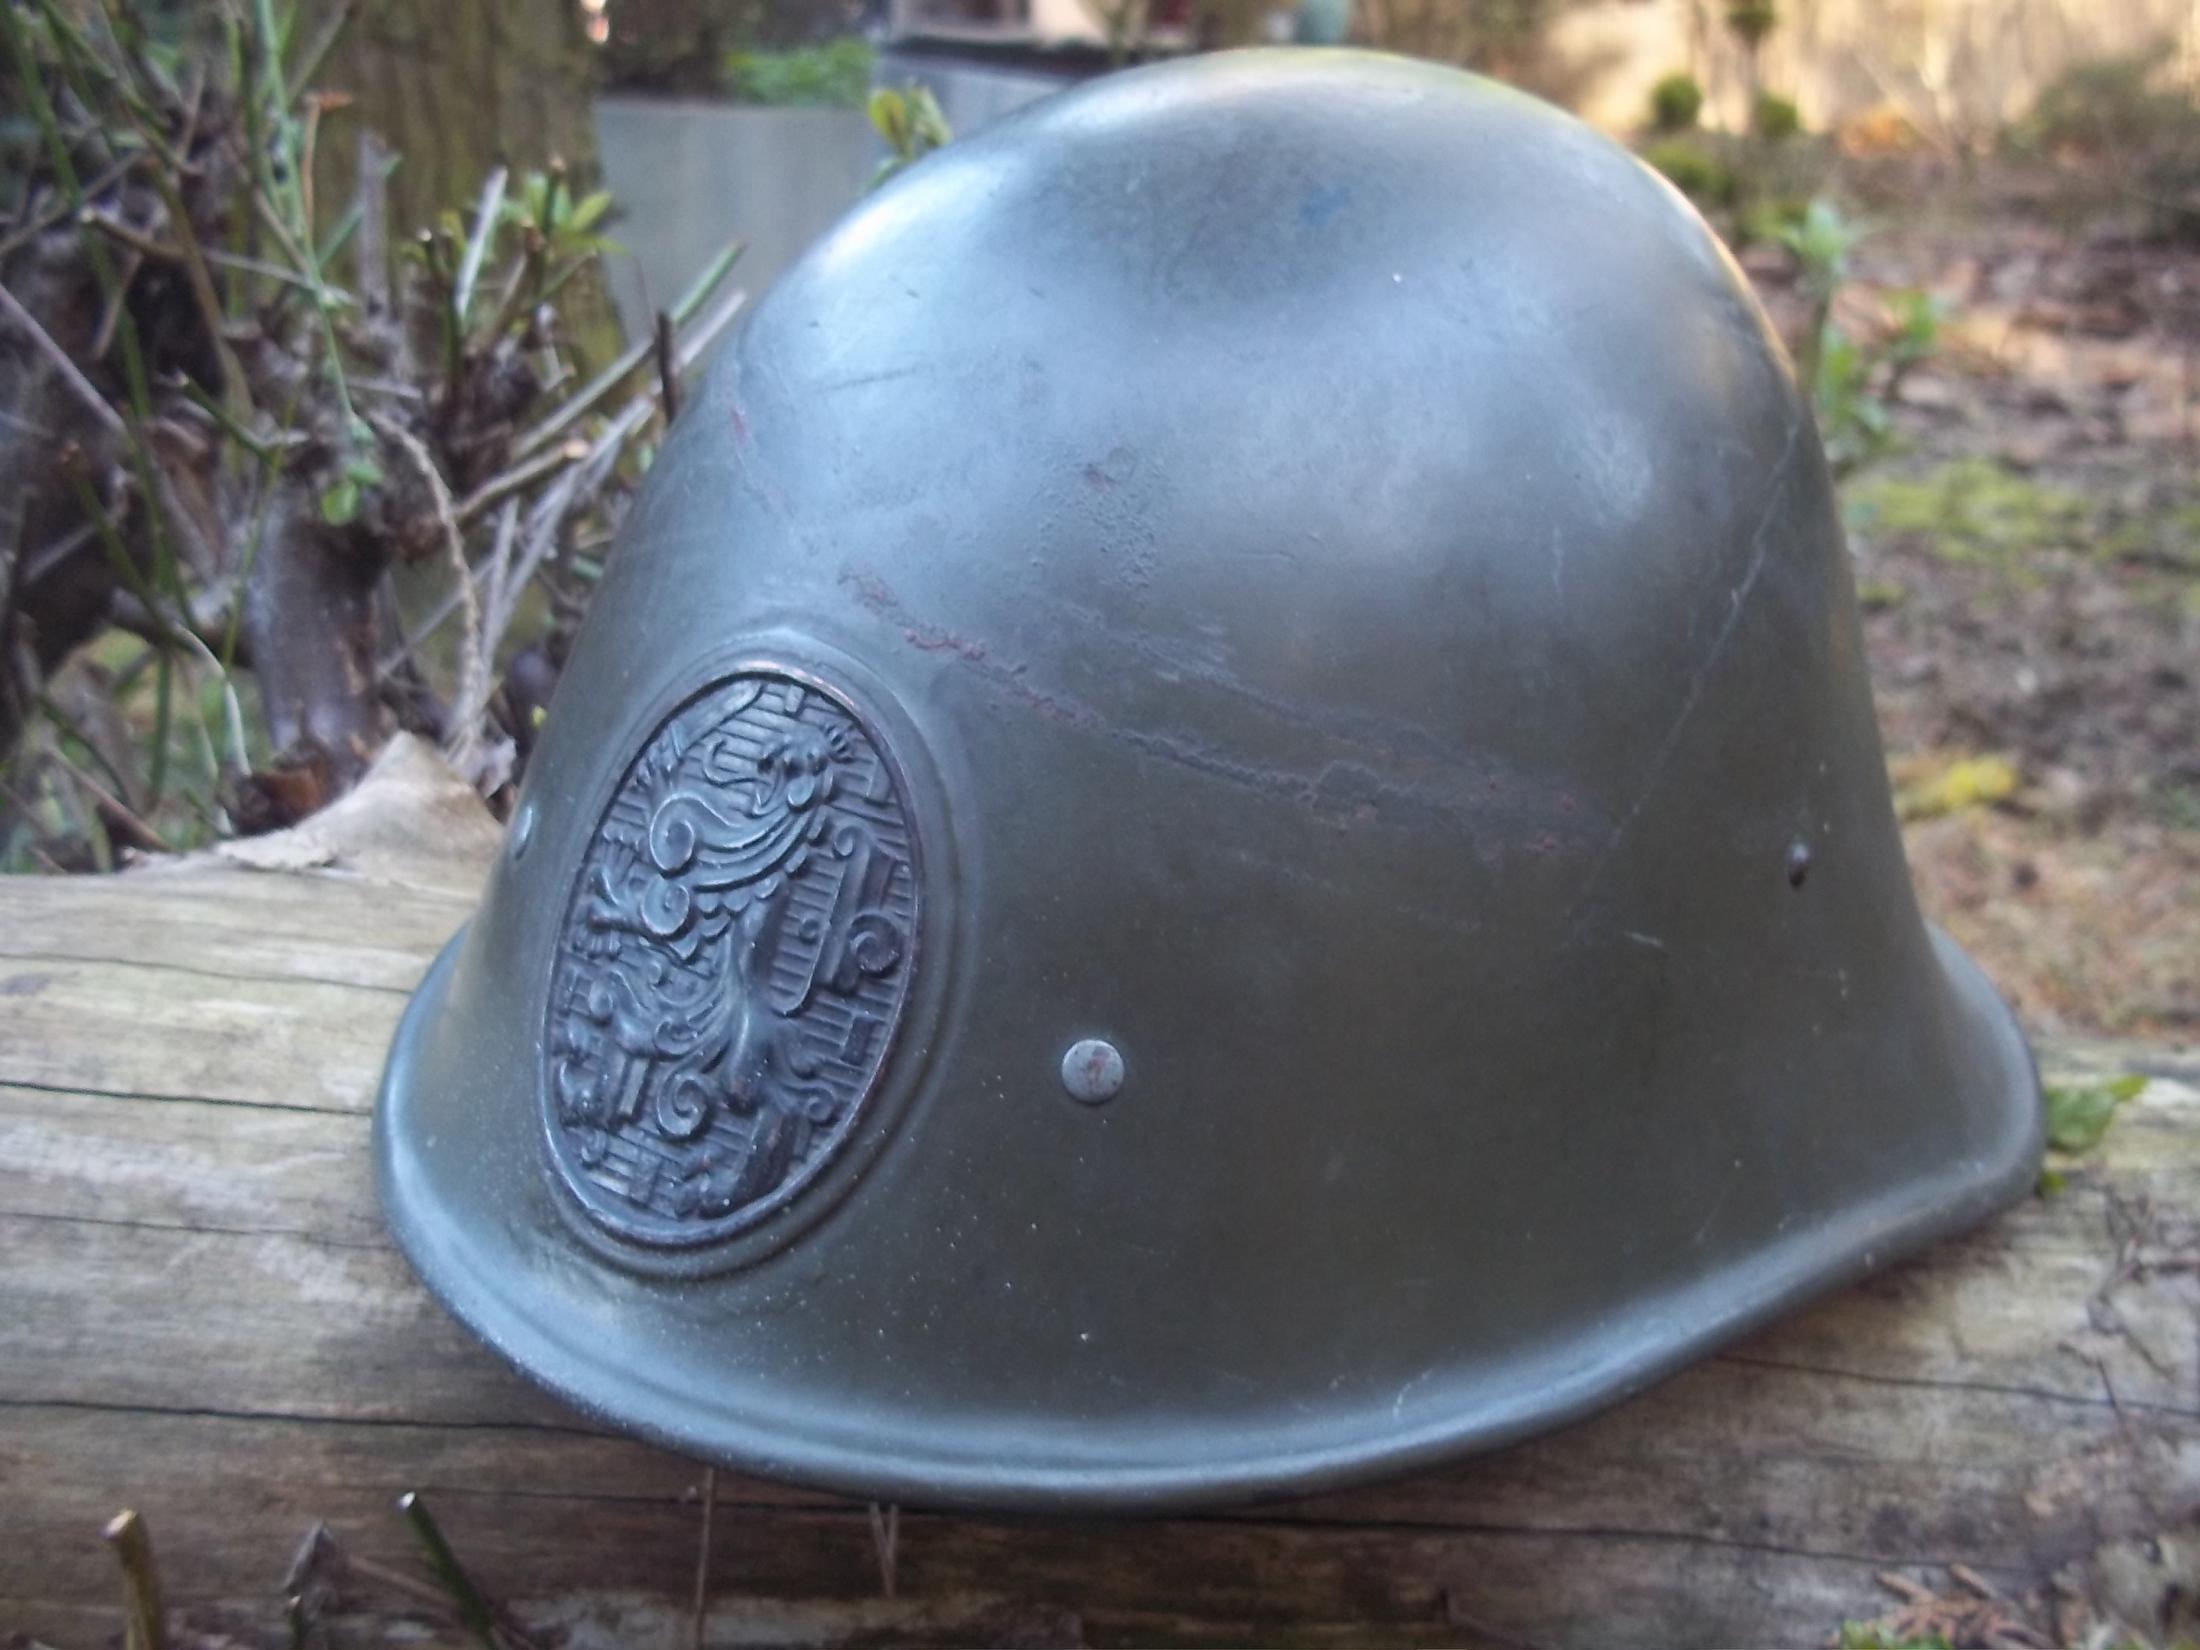 Nederlandse helm Model 1934 gedragen staat.